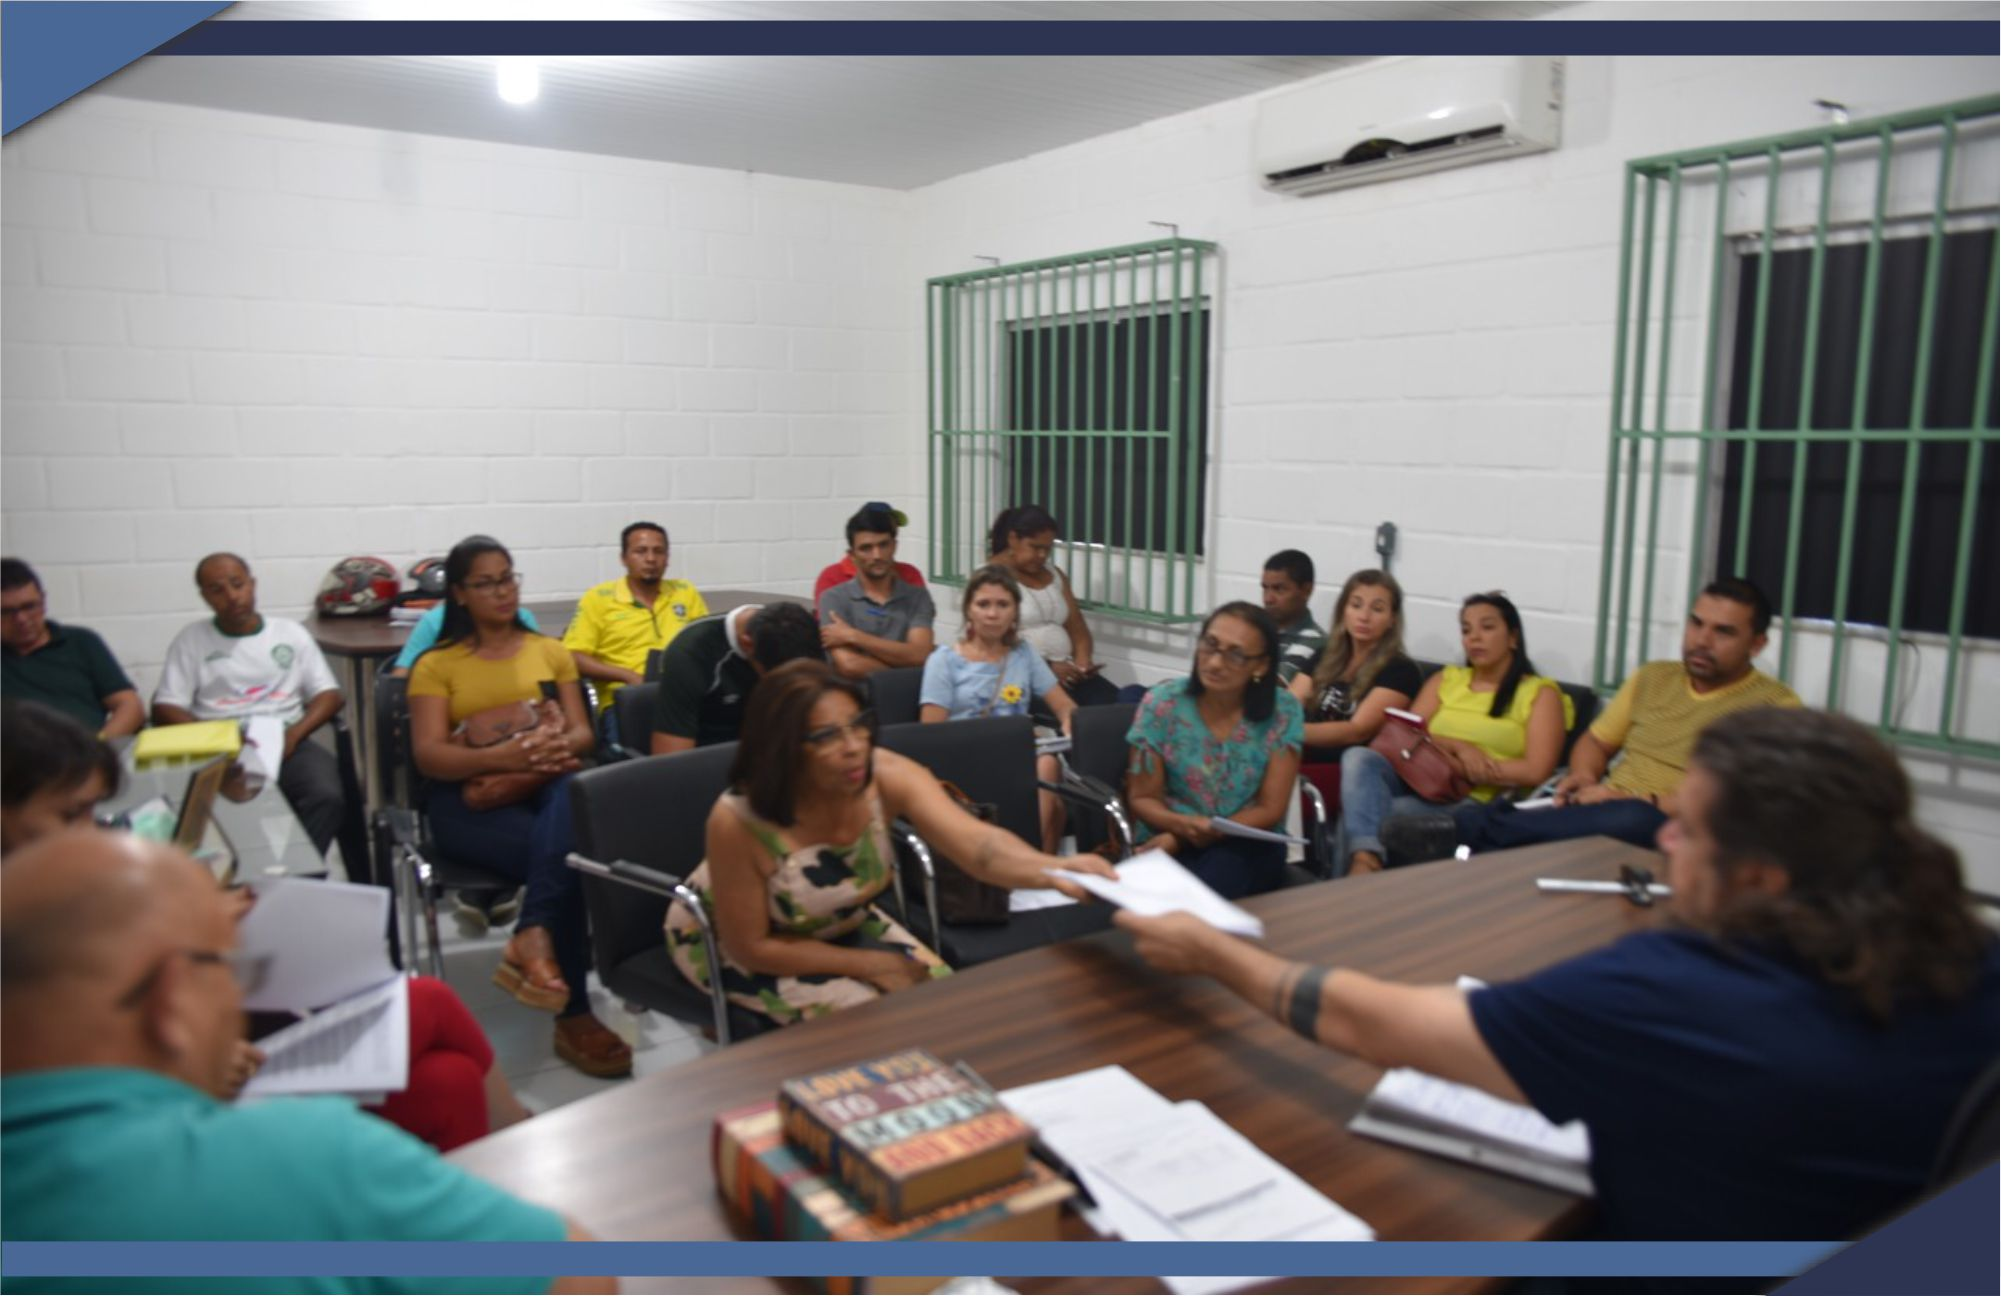 COMITÊ ARTICULA COM PREFEITURA LEI PARA NORMATIZAR A OFERTA DE EDUCAÇÃO DO CAMPO